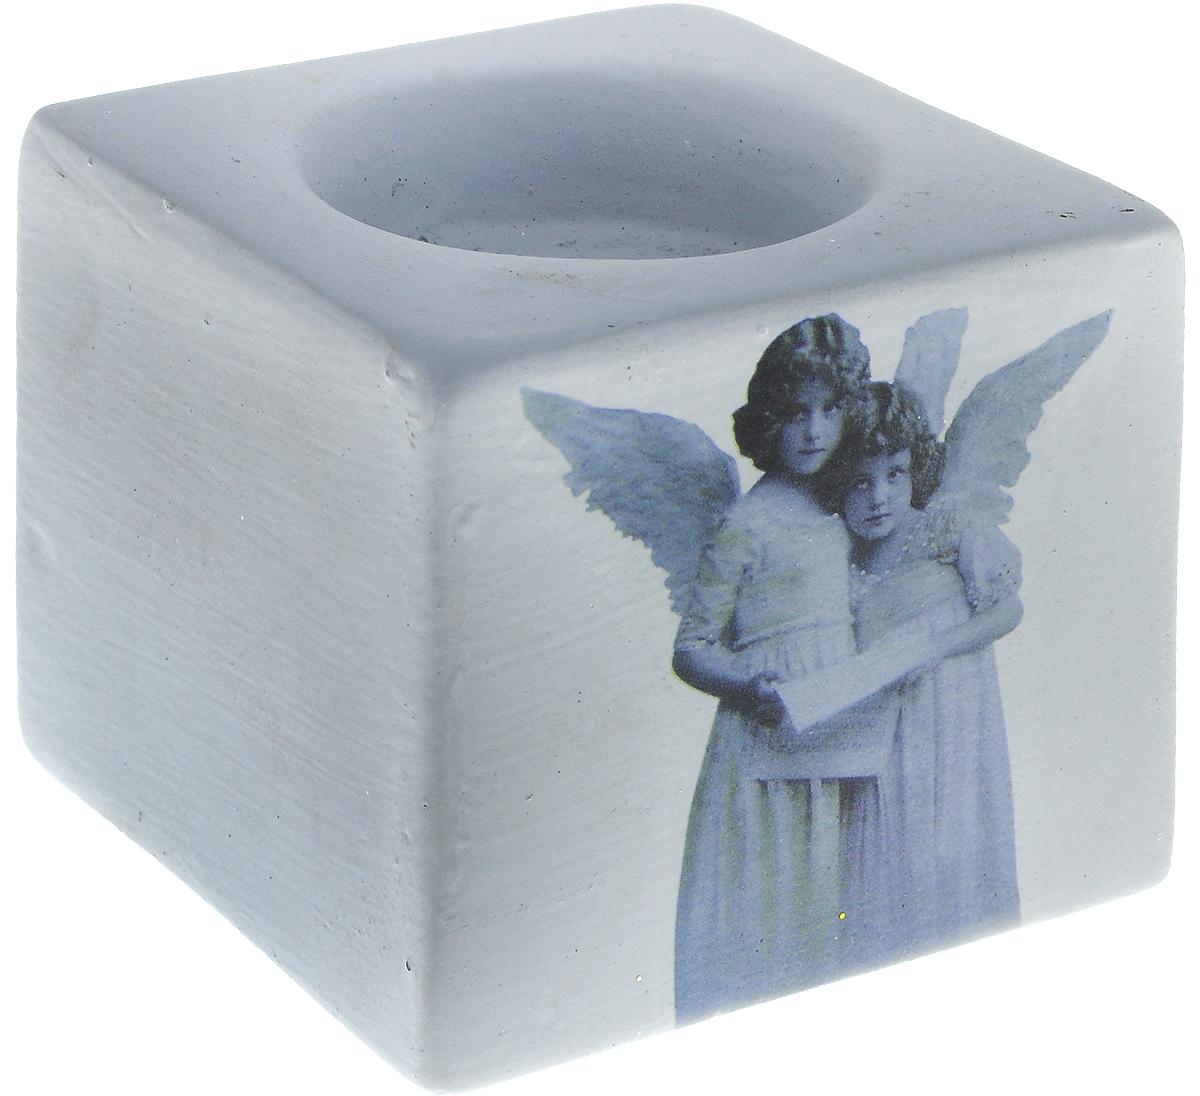 Подсвечник новогодний Winter Wings Ангелы, 6 х 7 х 7 смN162144Подсвечник Winter Wings Ангелы выполнен из керамики с изображением ангелов. В подсвечнике имеется специальное место для свечки. Изделие будет прекрасно смотреться на праздничном столе. Новогодние украшения несут в себе волшебство и красоту праздника. Они помогут вам украсить дом к предстоящим праздникам и оживить интерьер по вашему вкусу. Создайте в доме атмосферу тепла, веселья и радости, украшая его всей семьей. Диаметр места для свечки: 4,5 см.